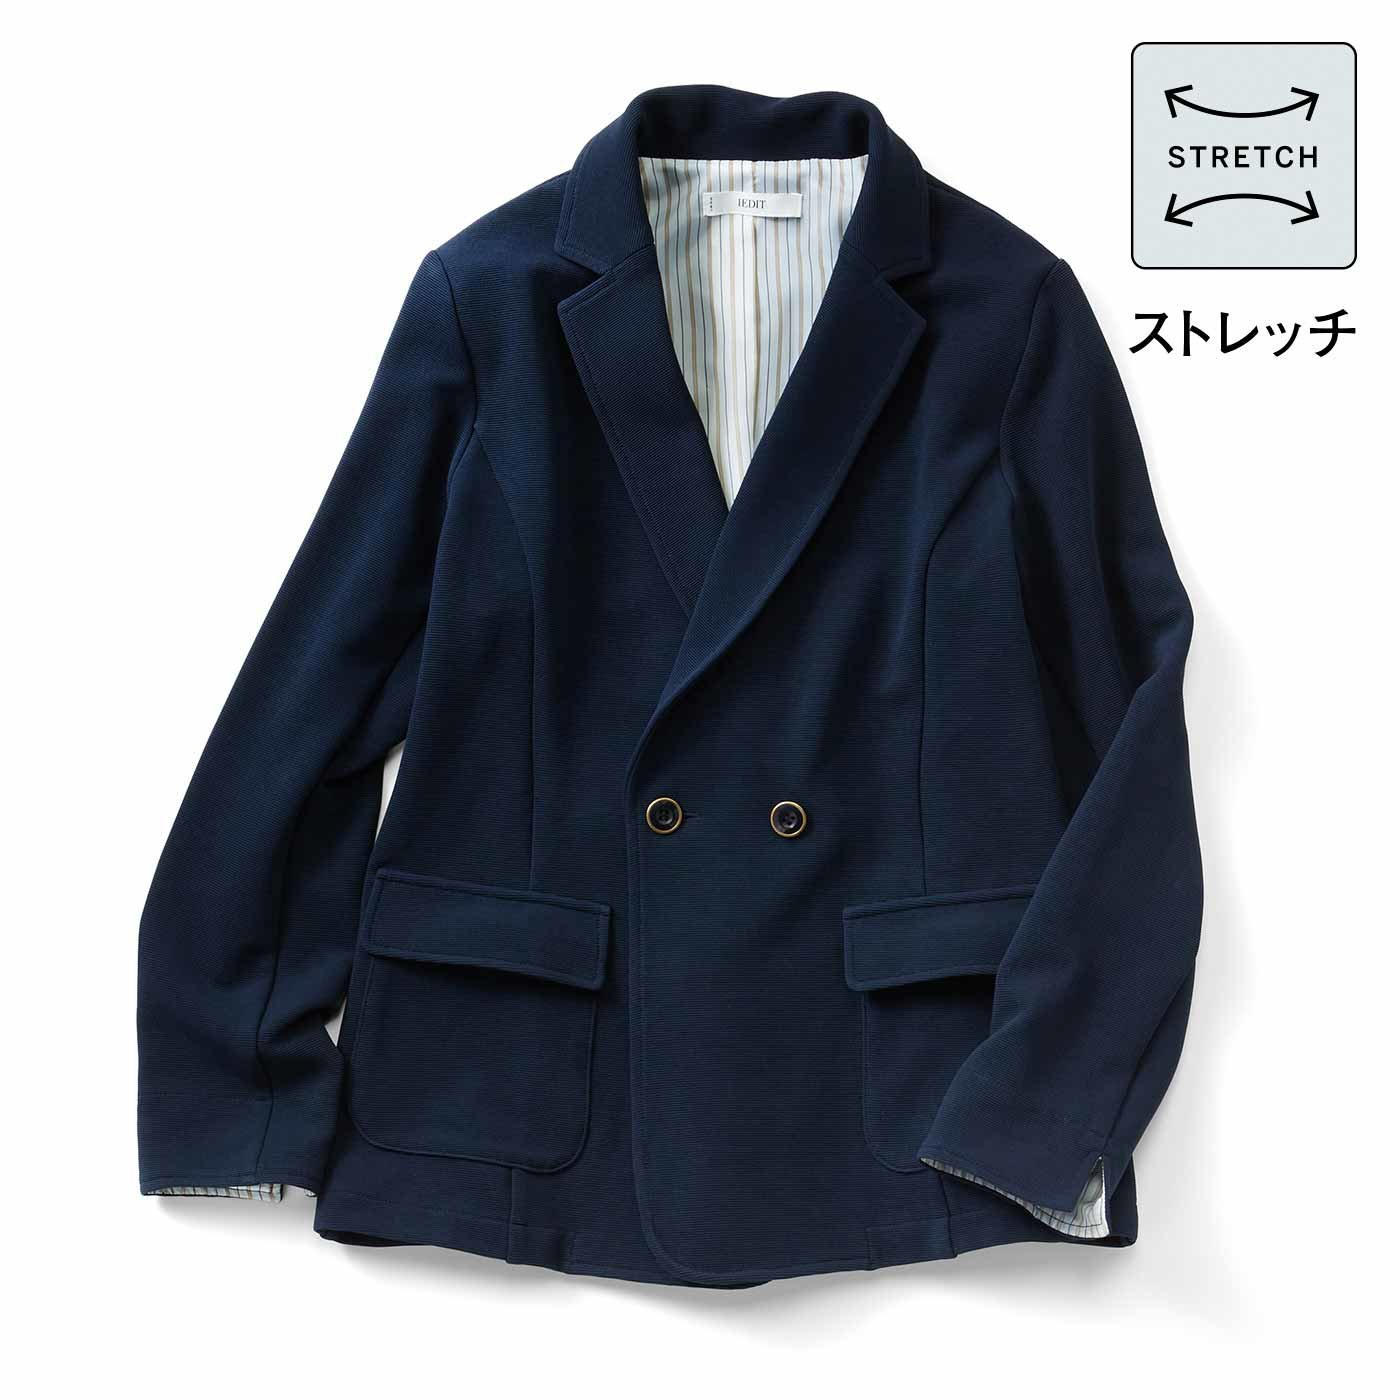 IEDIT[イディット] 伸びやかできれいなバレエフィット(R)のスペシャル紺ブレジャケット